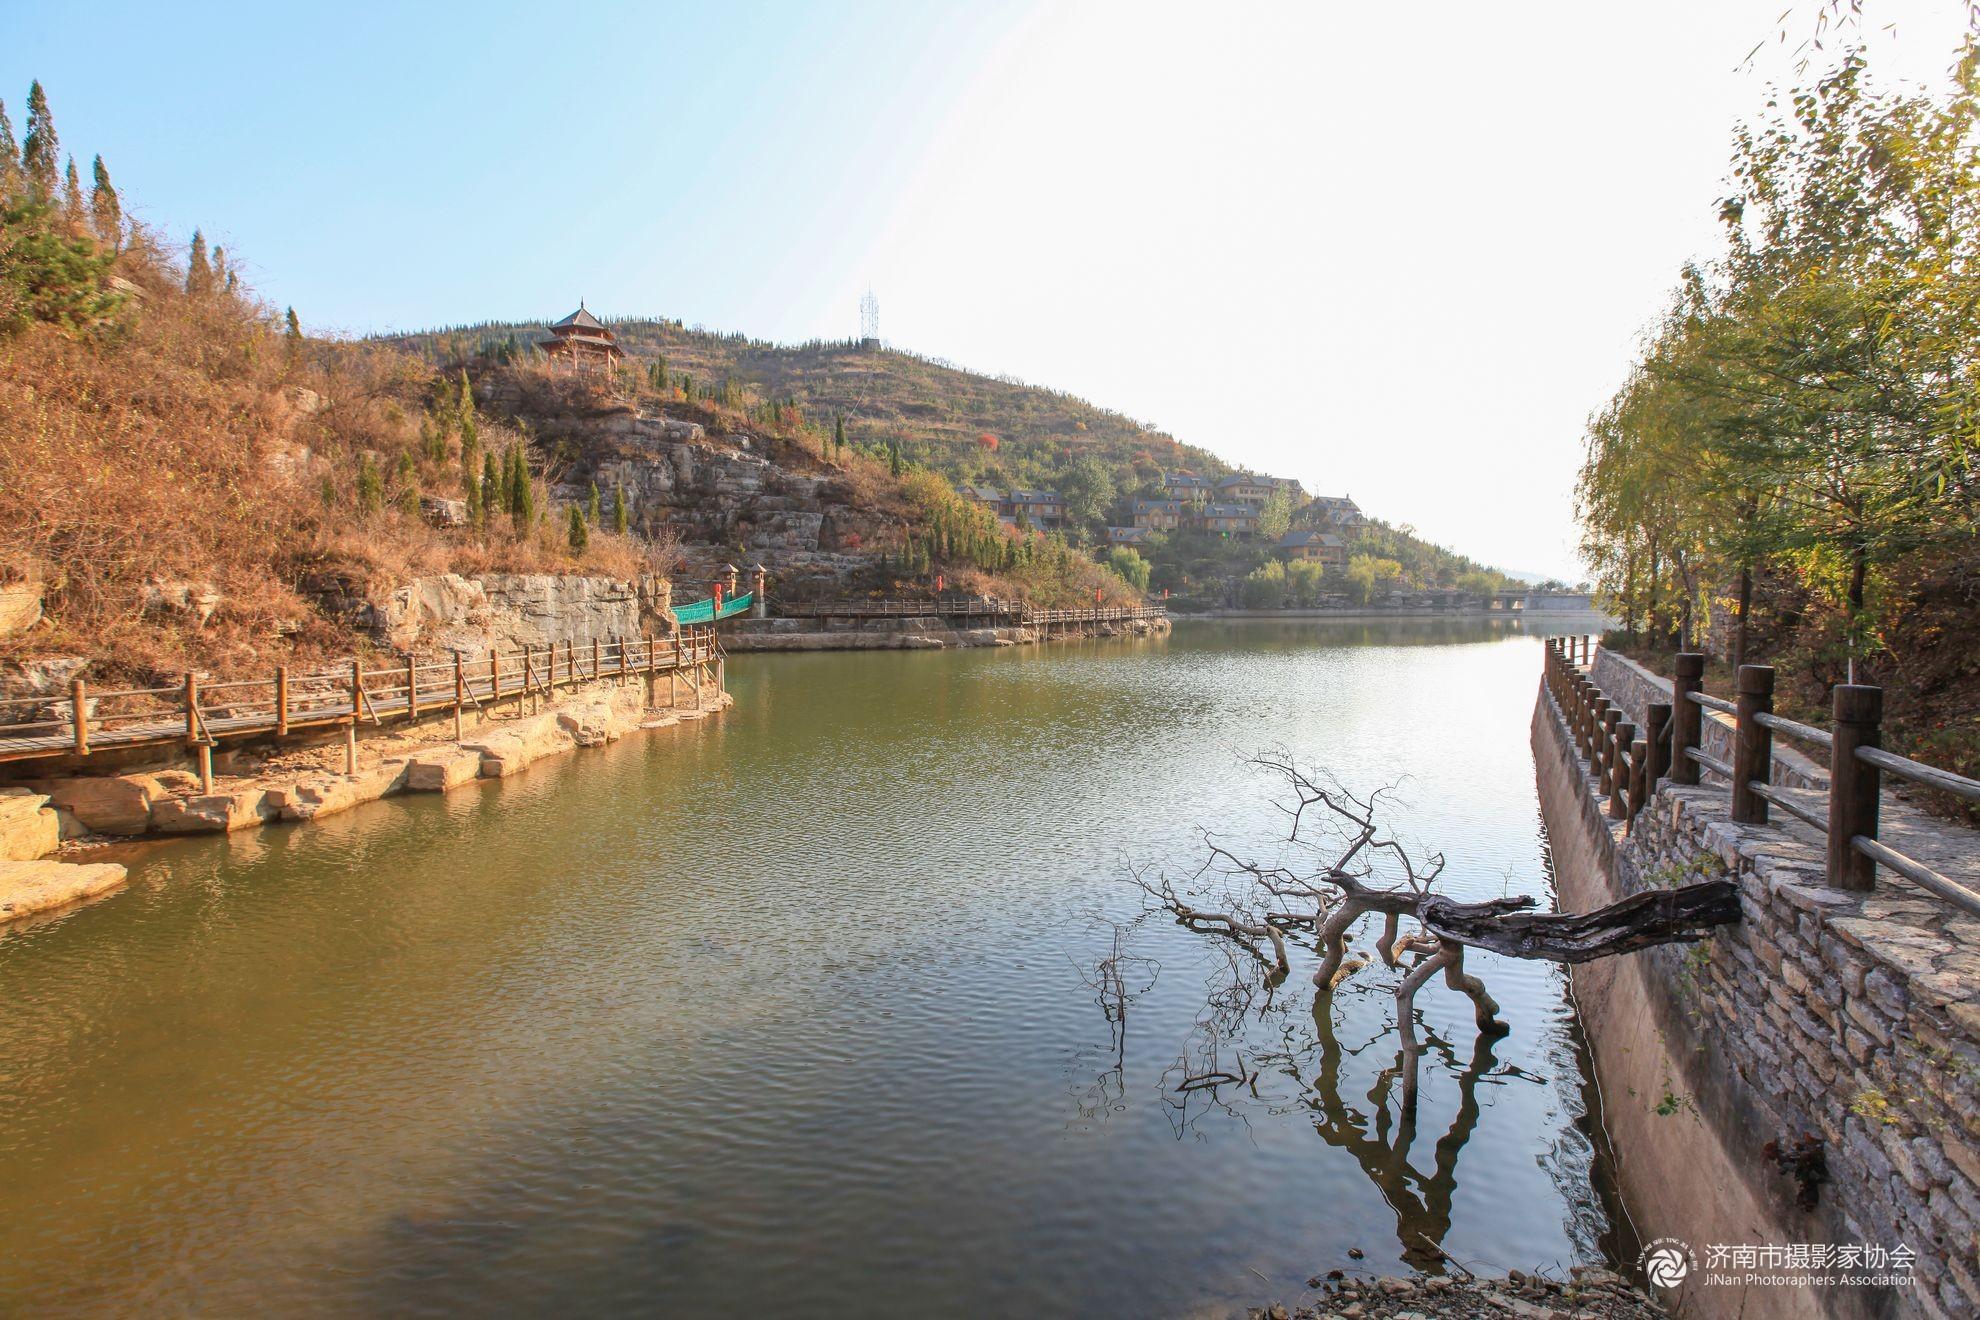 从济南到淄川的峨庄潭溪山风景区怎么坐车?车票多少?